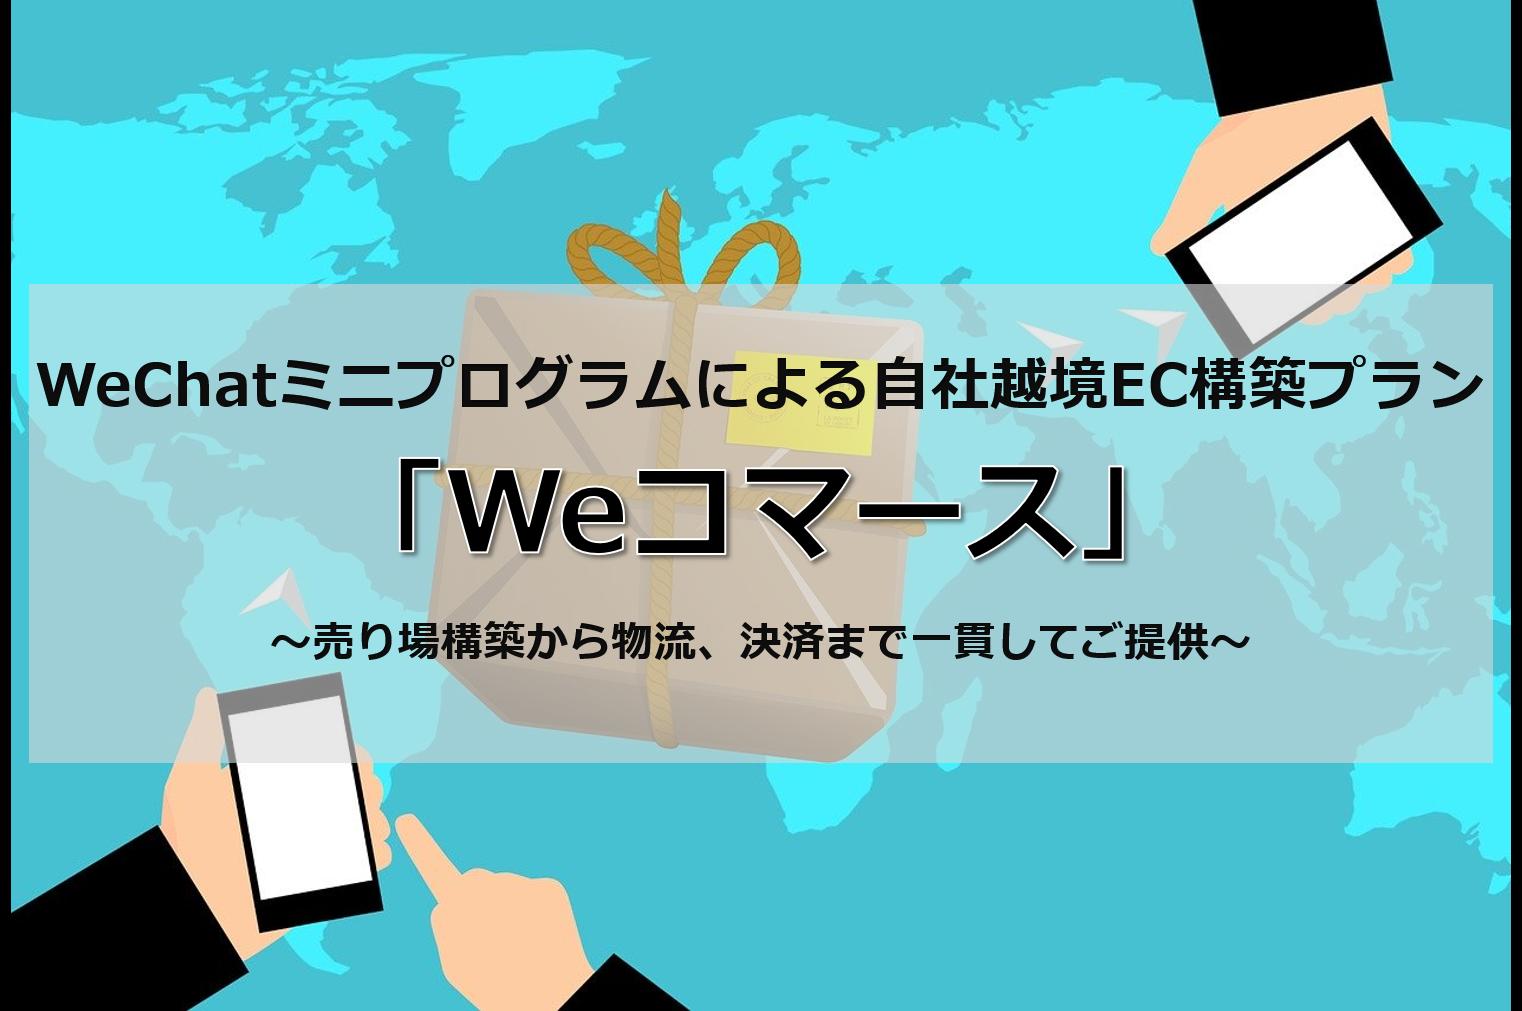 WeChatミニプログラム